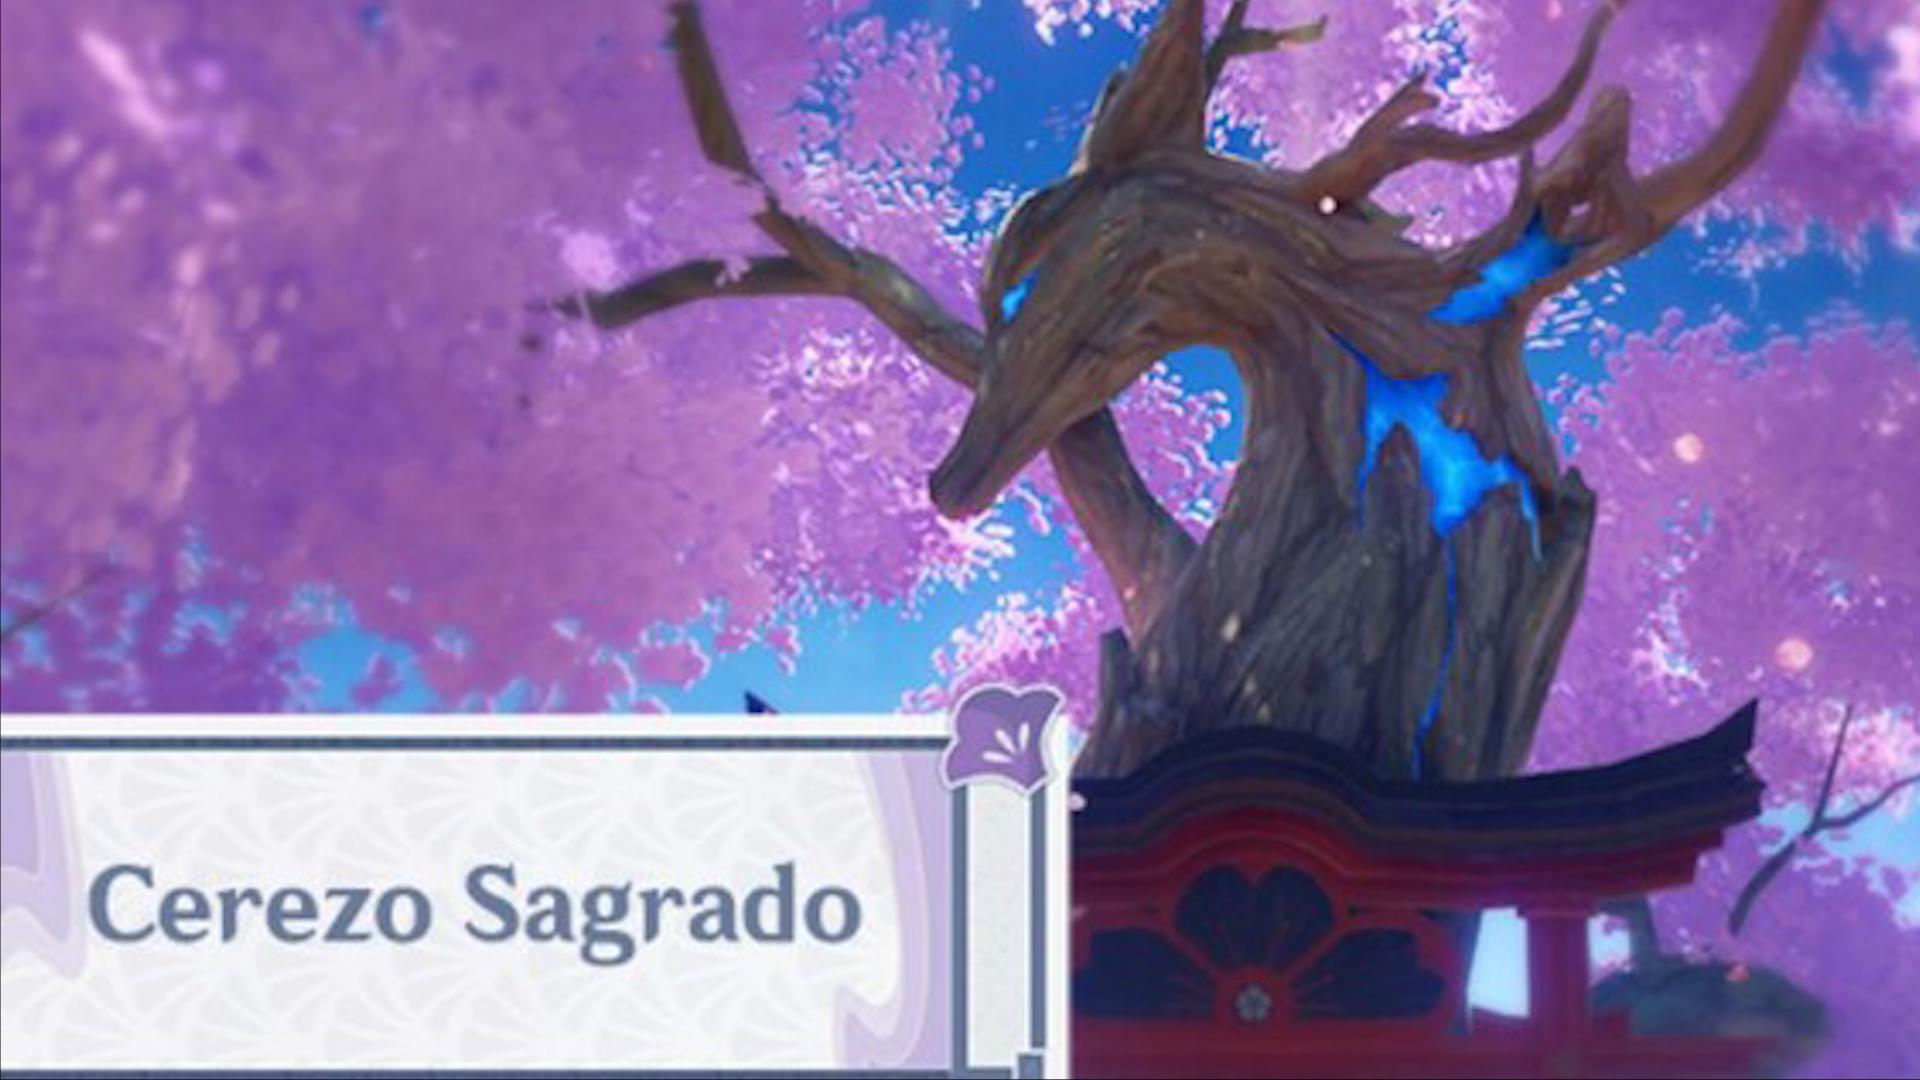 El Cerezo Sagrado de Genshin Impact que proporciona electrógranos